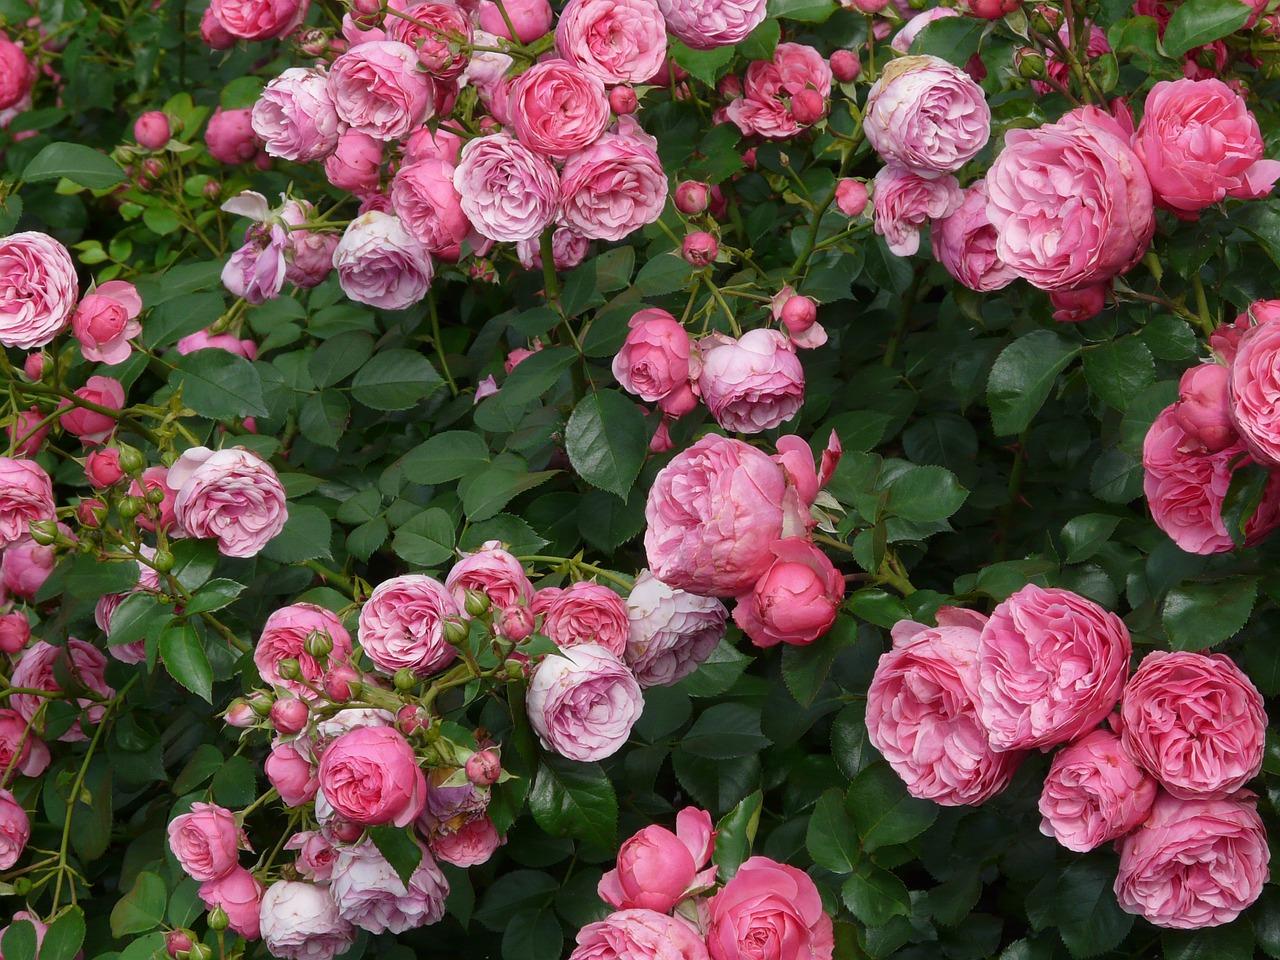 Η τριανταφυλλιά είναι θάμνος ή δενδρύλλιο, φυλλοβόλος, αγκαθωτός, γρήγορης ανάπτυξης